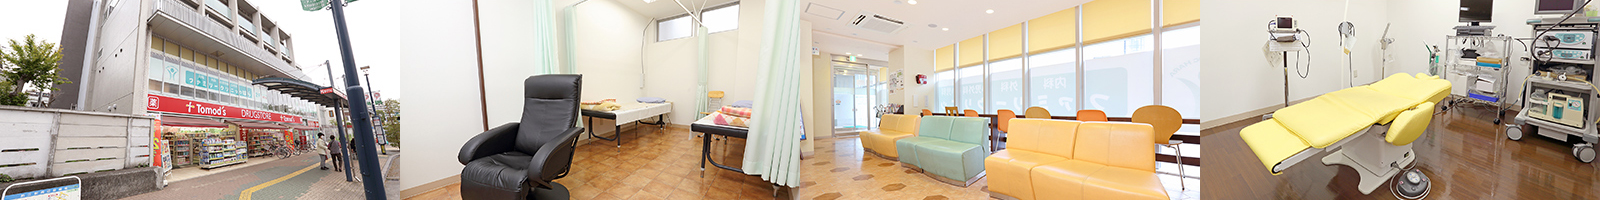 当院のモットーは、身体のみならず精神的な苦痛の少ない治療です。そして、より安全にを心がけております。